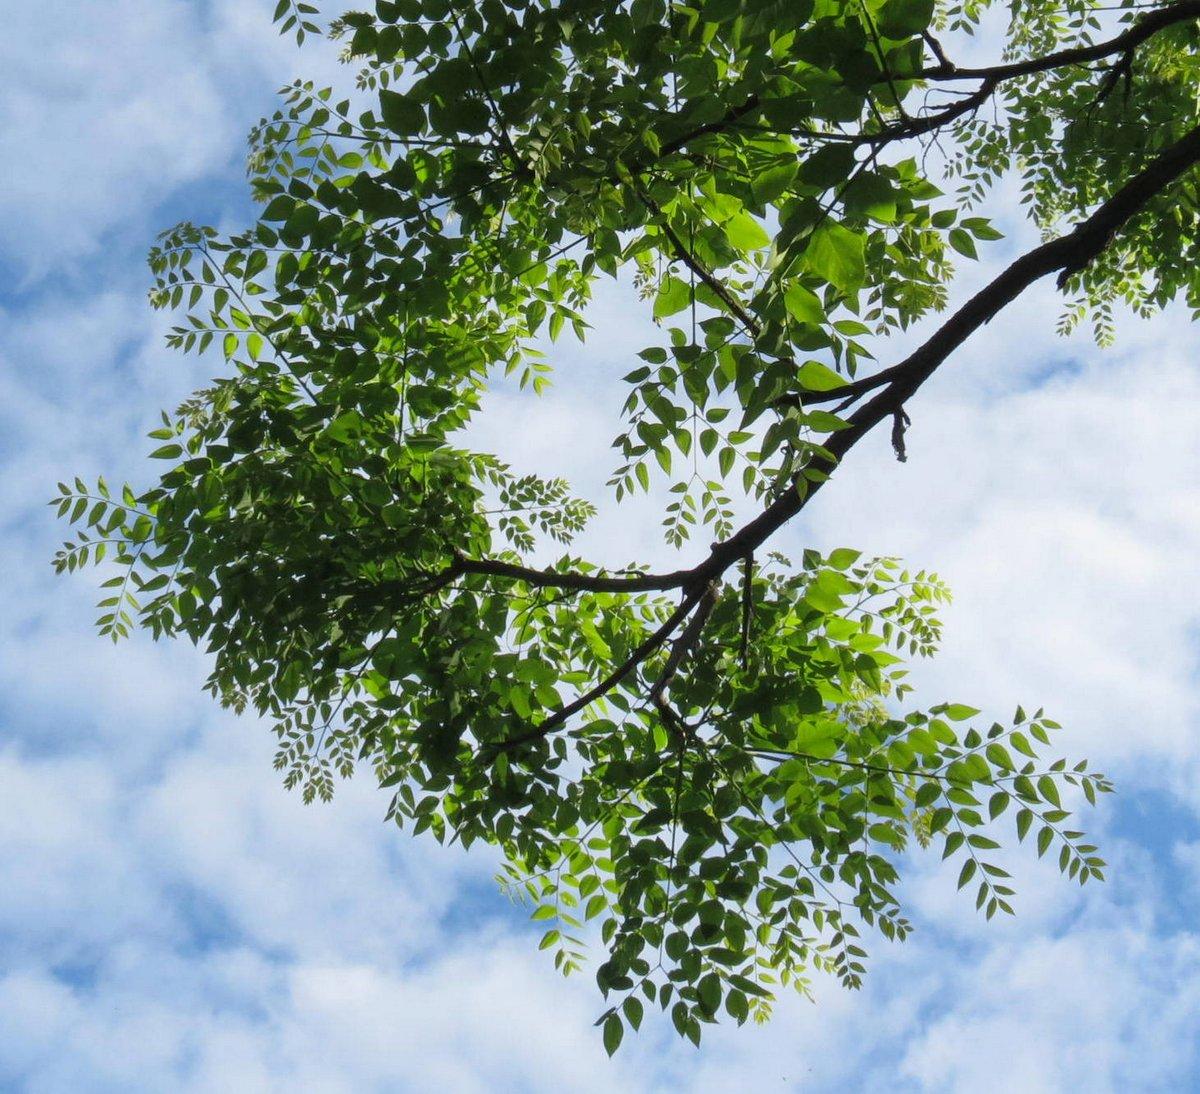 11. Black Locust leaves